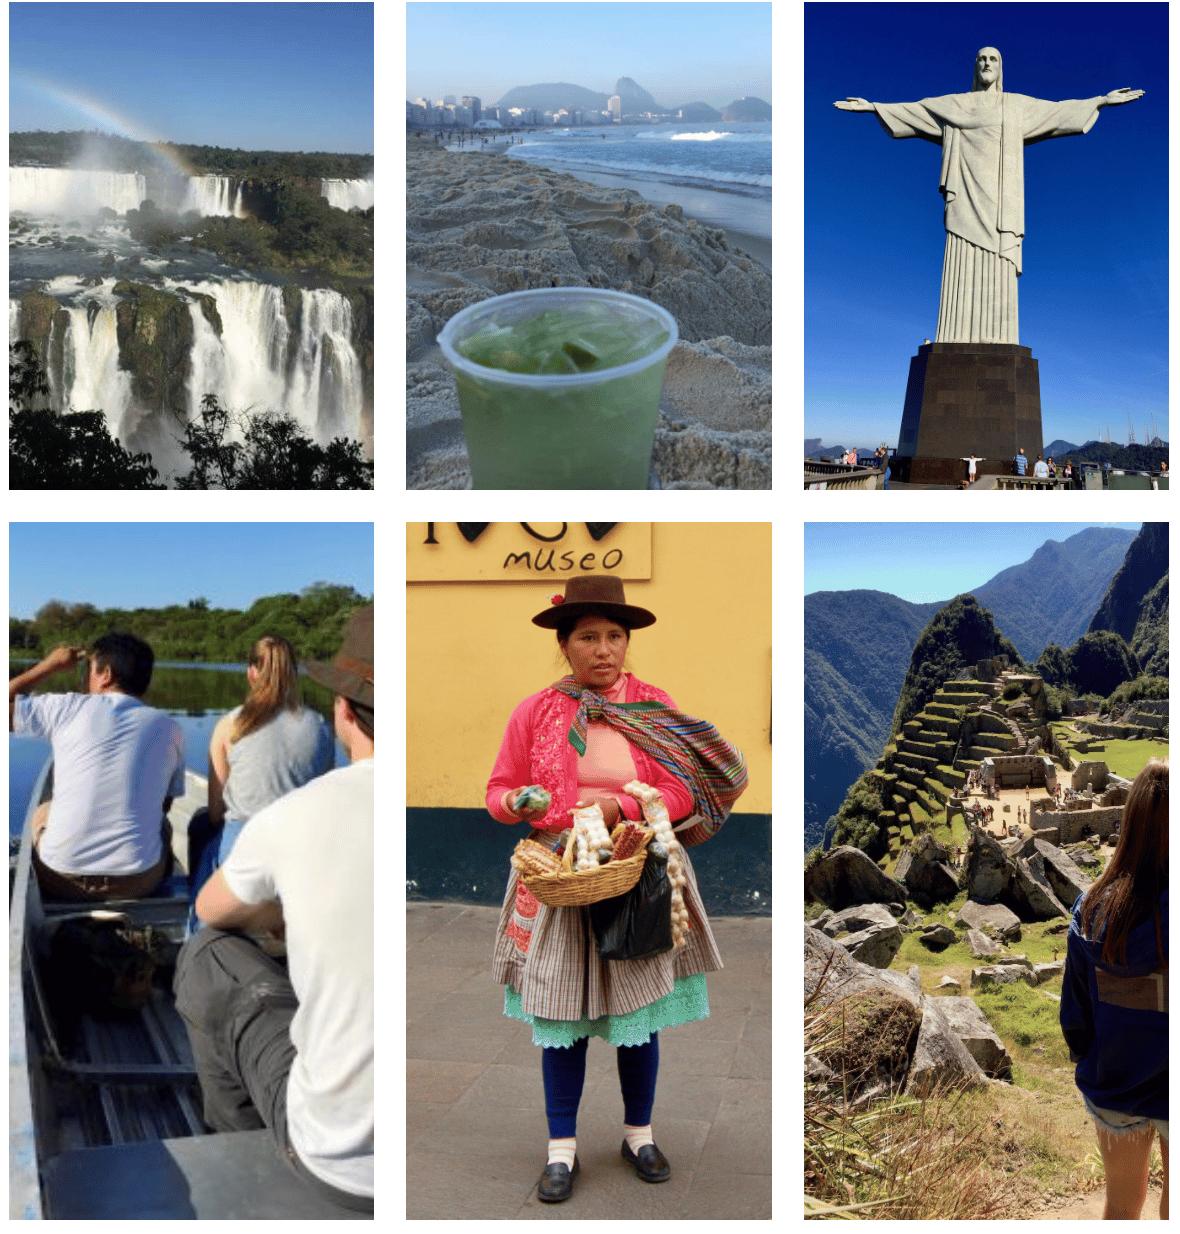 16 dagers reiseguide til Sør-Amerika